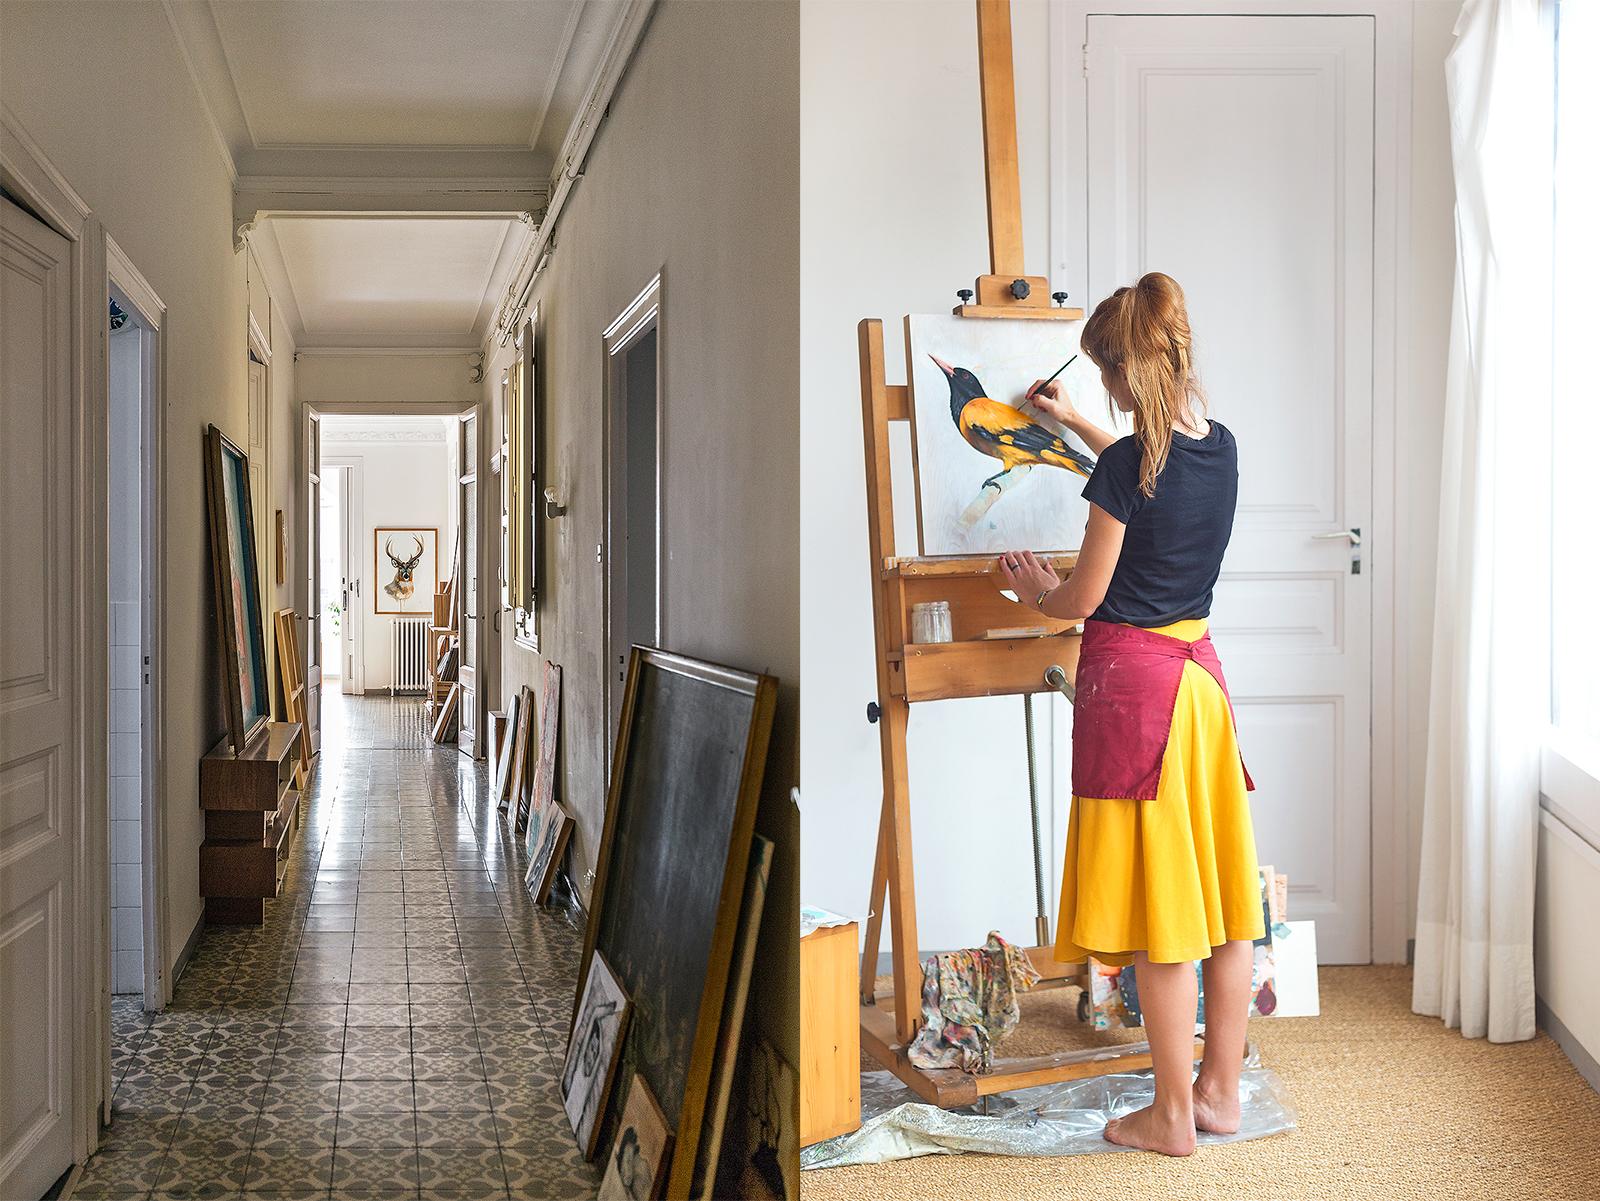 Entrevista a Sandra Rojo, fotógrafa artística de espacios e interiores y lifestyle, conocemos mejor a la persona.tras el objetivo